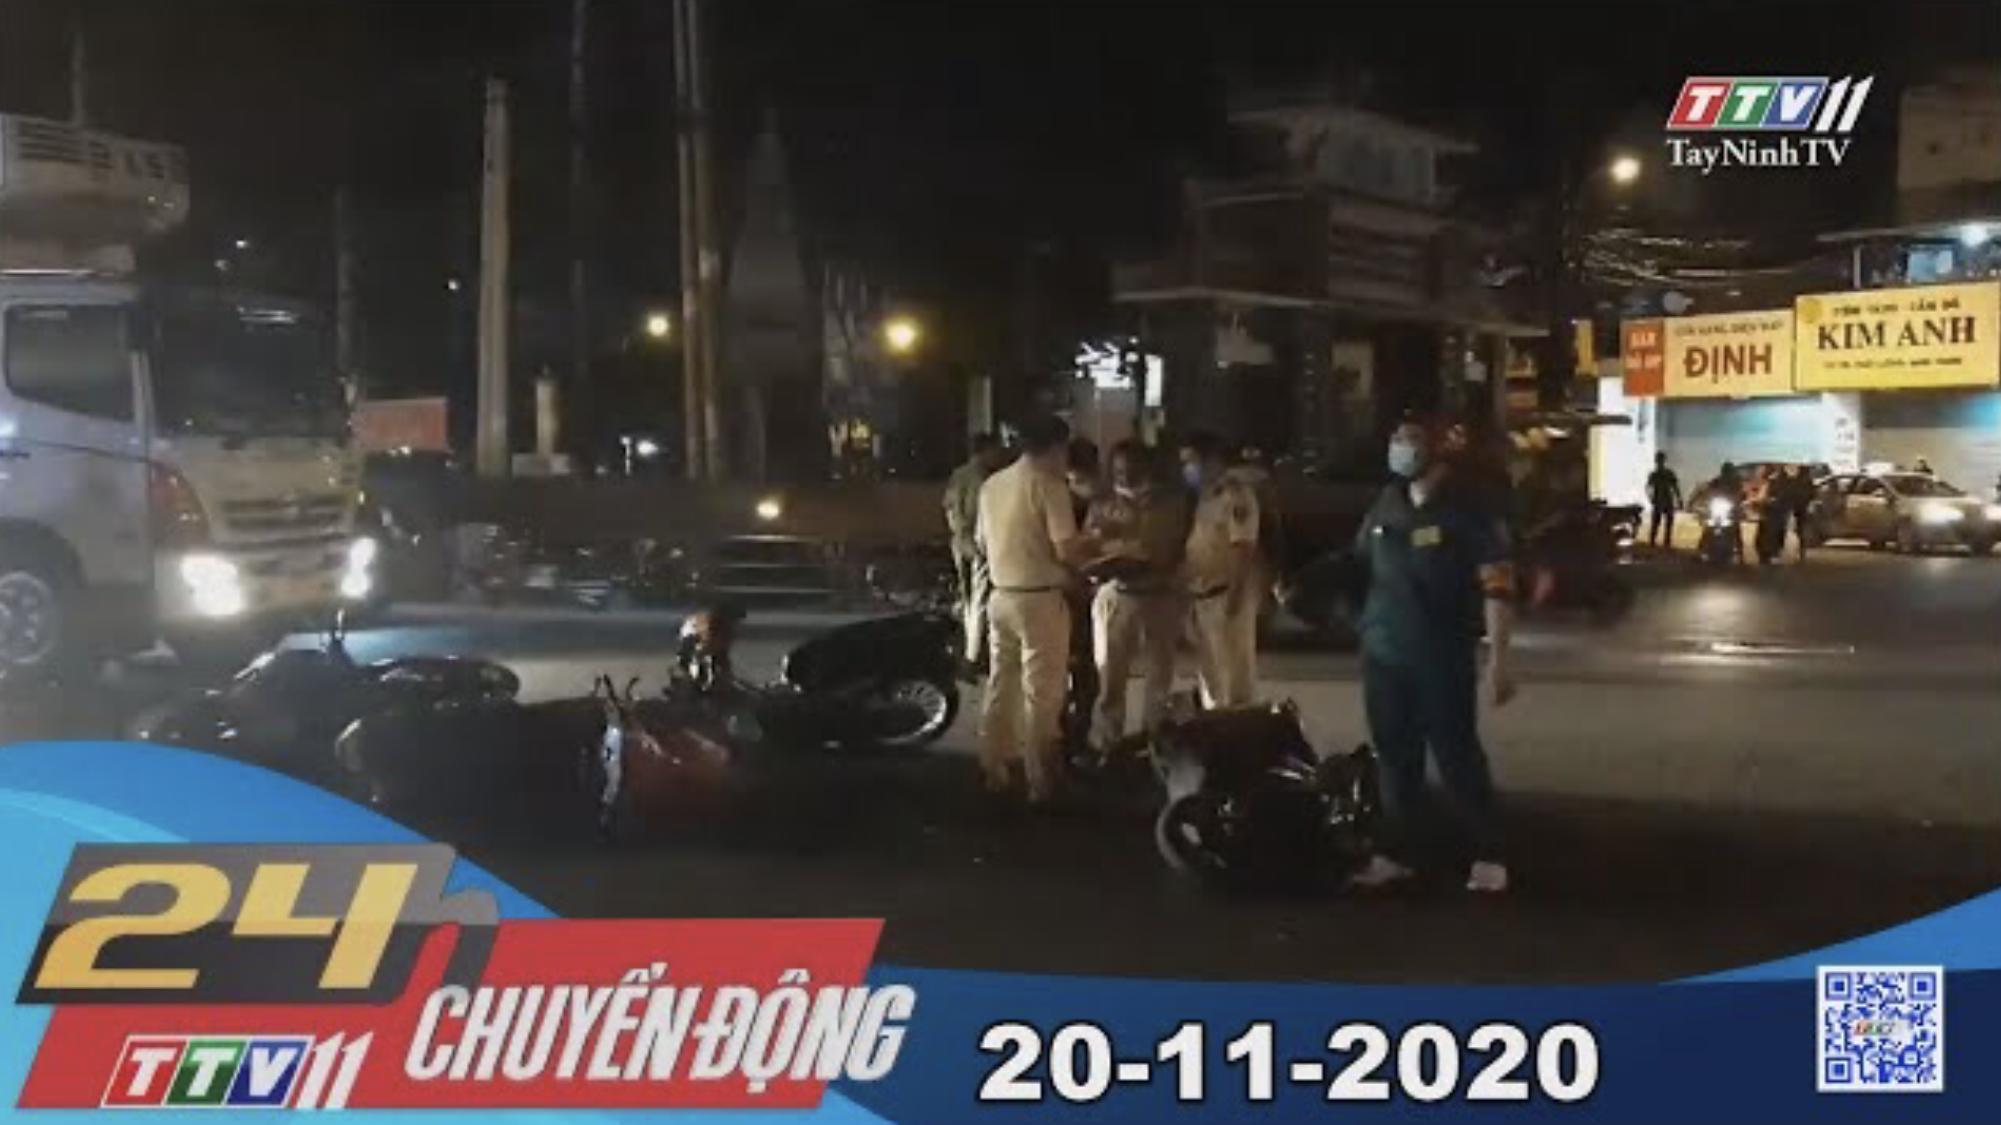 24h Chuyển động 20-11-2020 | Tin tức hôm nay | TayNinhTV